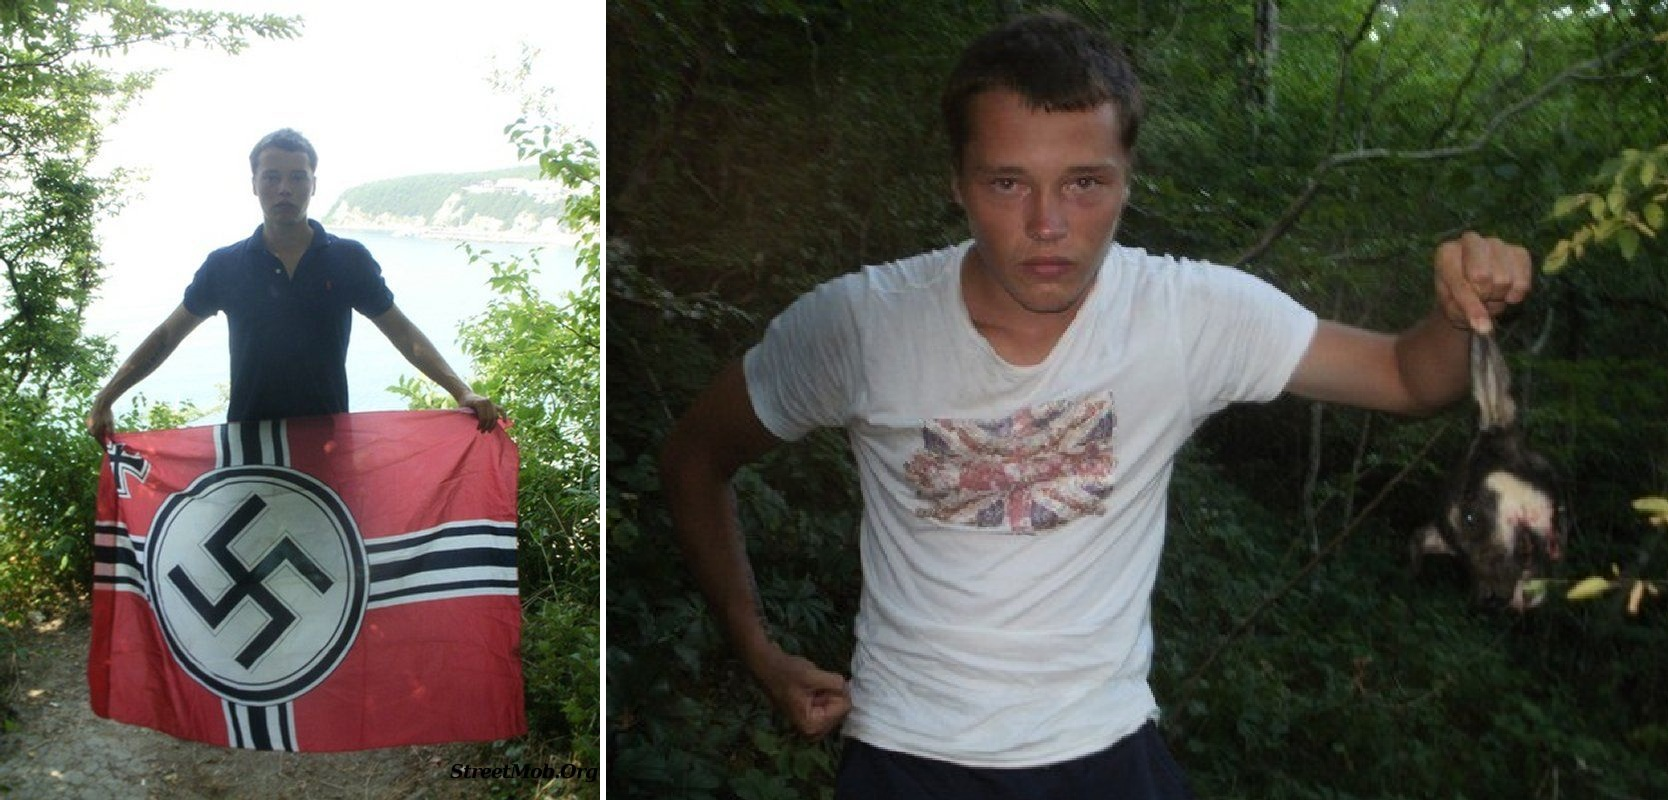 Поляки разыскивают в США украинца, подозреваемого в нацистских преступлениях - Цензор.НЕТ 8742